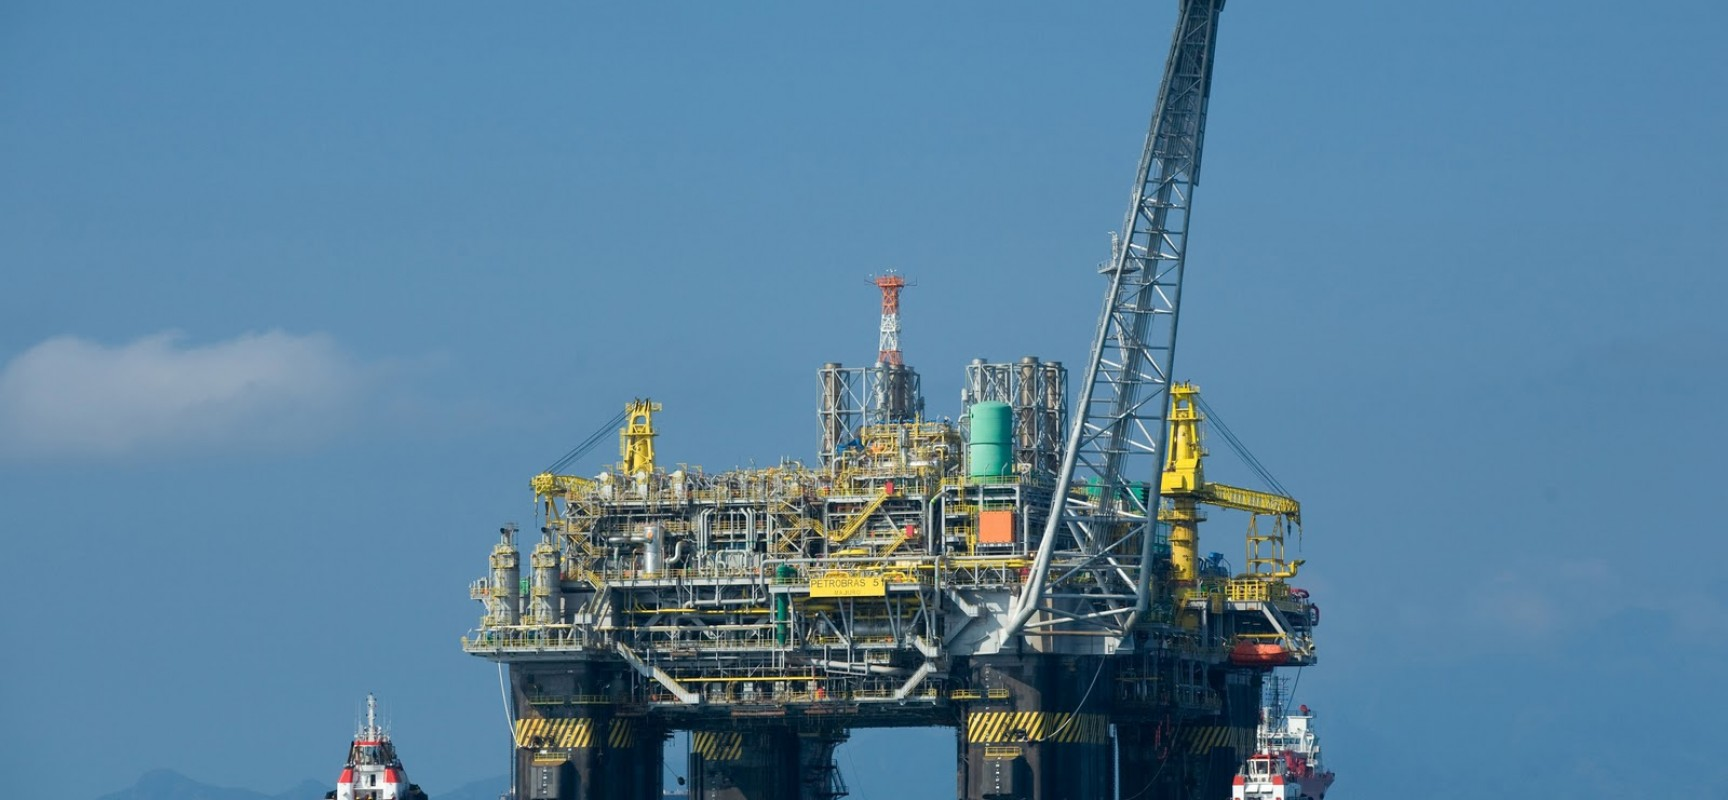 Il comune di Bisceglie dice no alle ricerche di idrocarburi in mare della Global Petroleum Limited